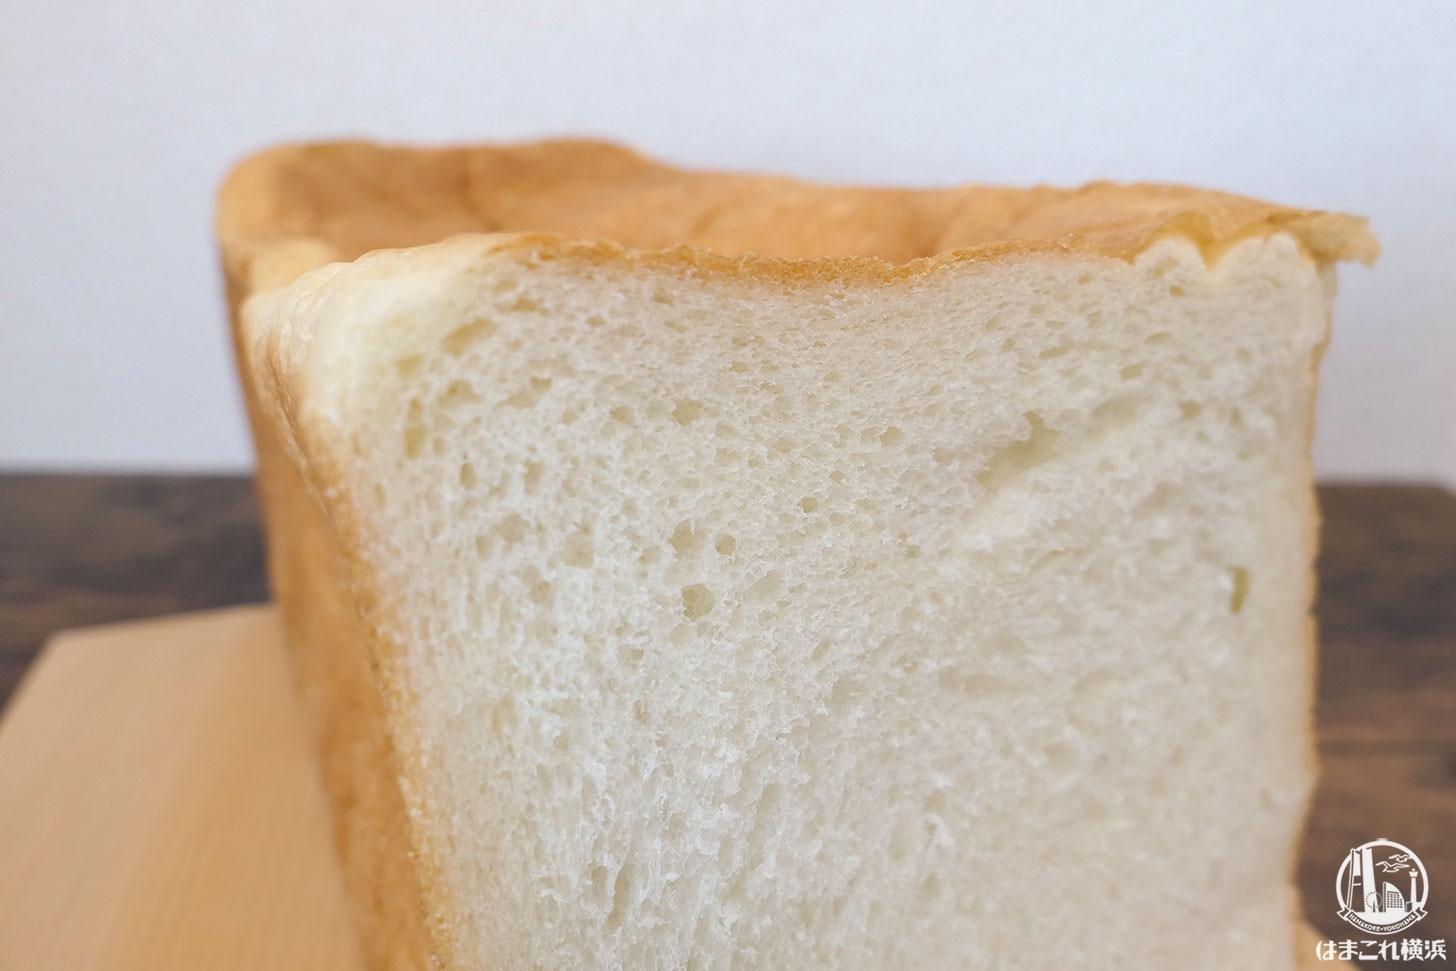 高級食パン「魂仕込」